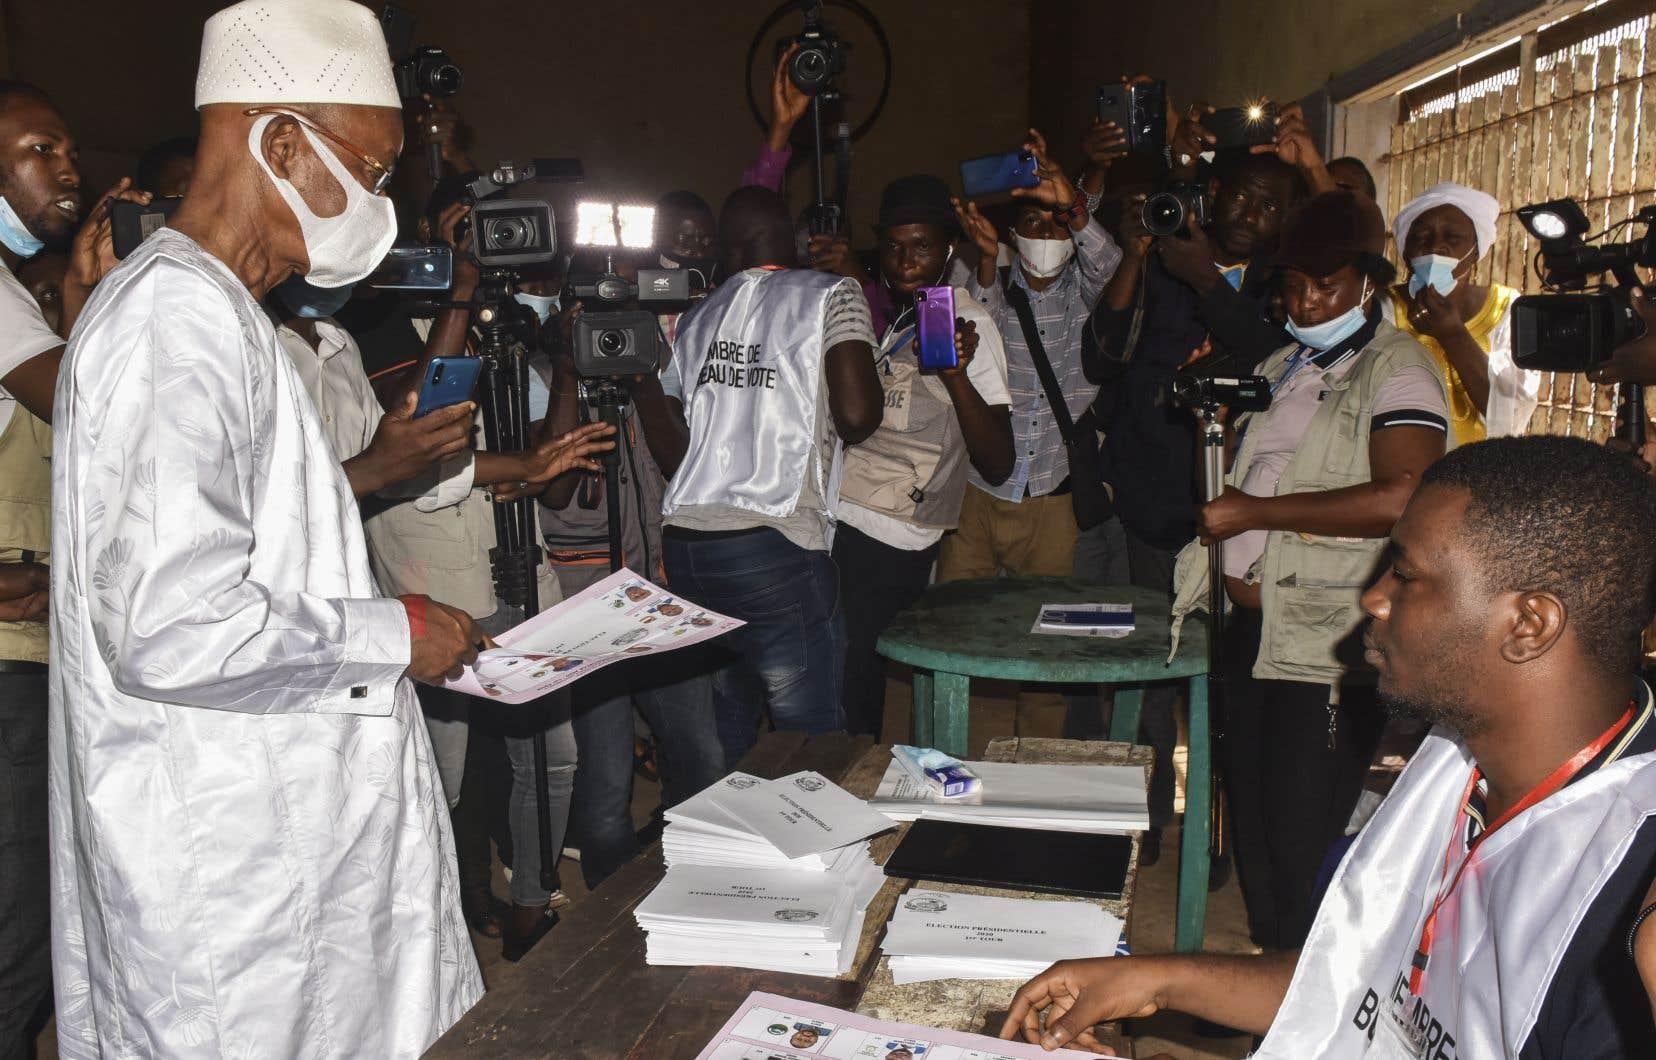 L'Union des forces démocratiques, le parti de Cellou Dalein Diallo, que l'on voit ici voter à Conakry, dit craindre de se faire «voler» la victoire, comme cela fut le cas selon lui en 2010 et 2015, déjà contre M.Condé.